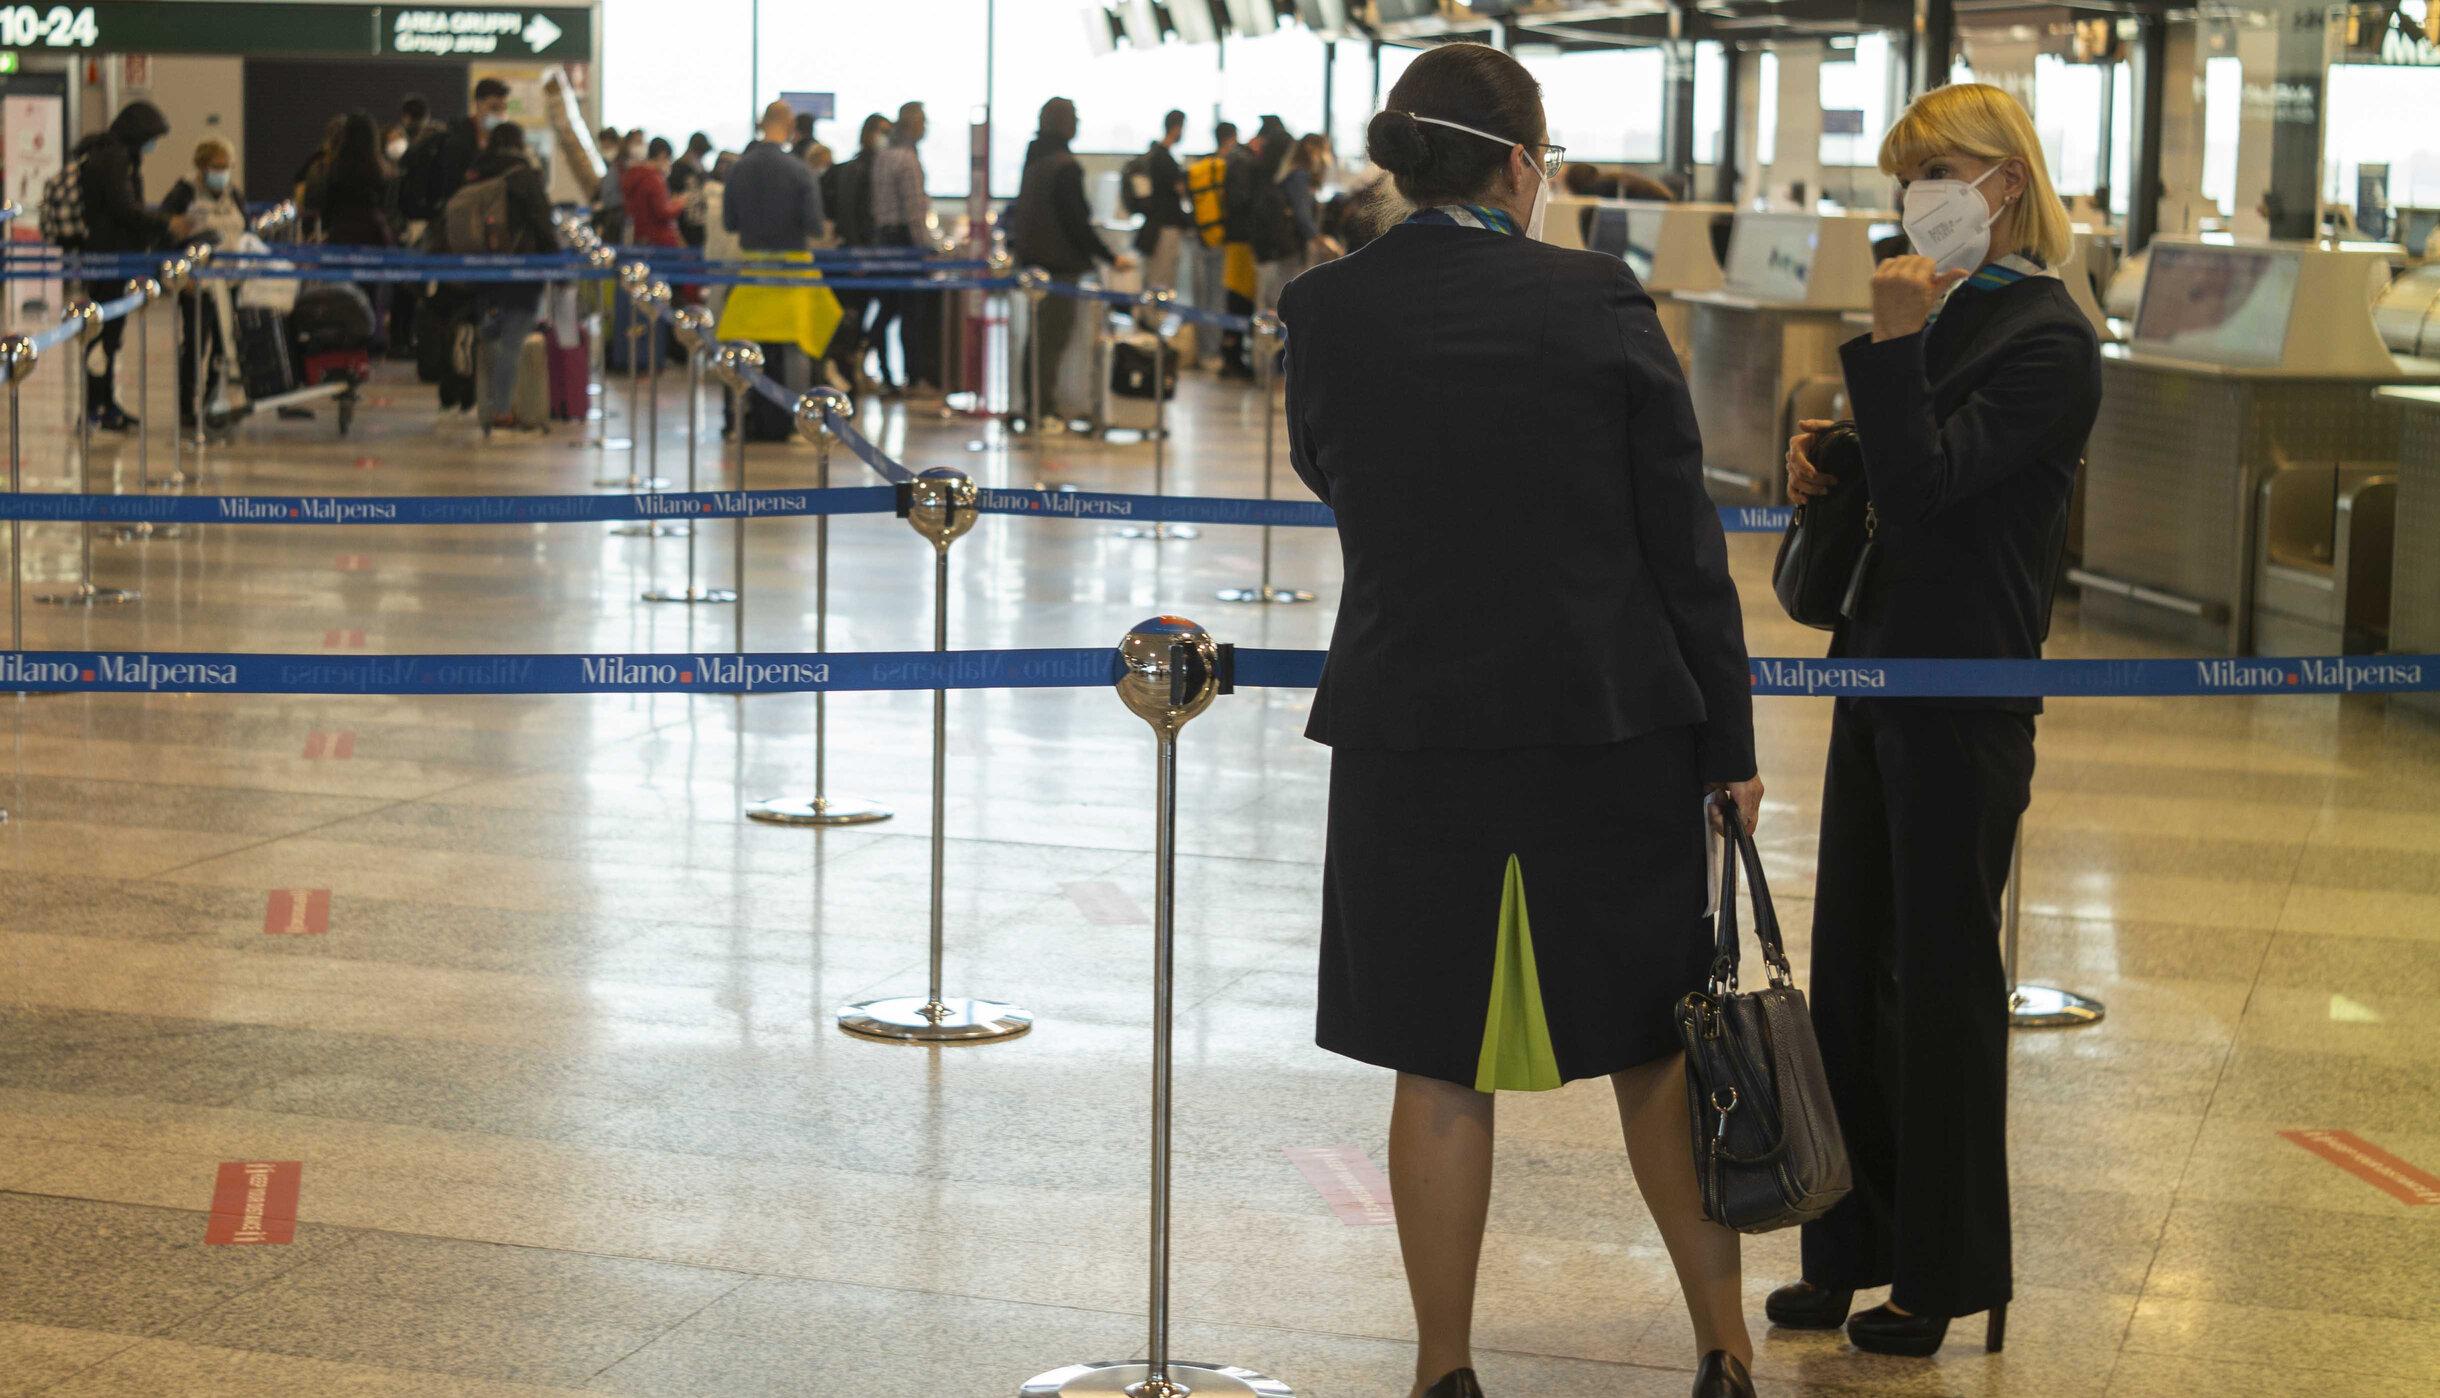 Comisia Europeană propune relaxarea restricțiilor de călătorie către UE pentru turiștii complet vaccinați